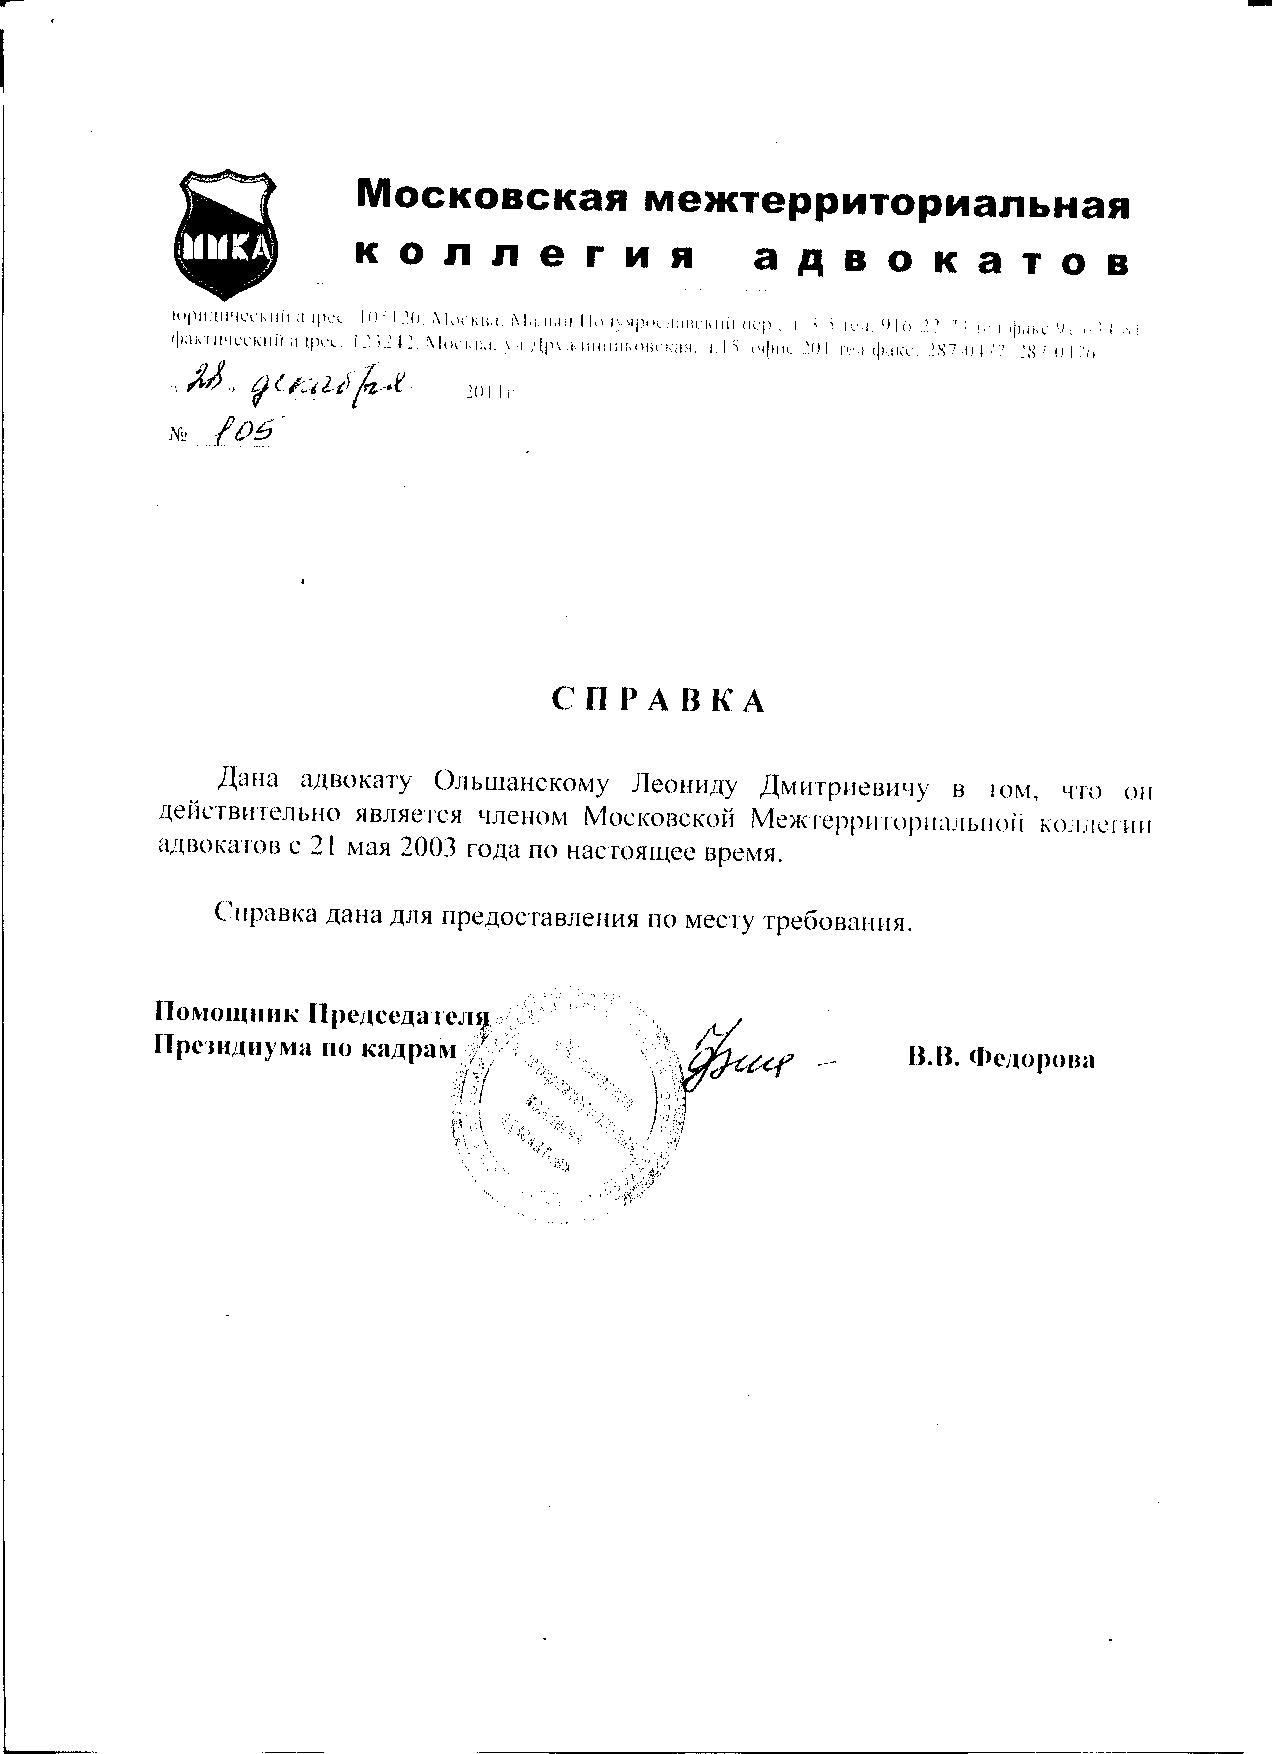 справка из коллегии Ольшанский